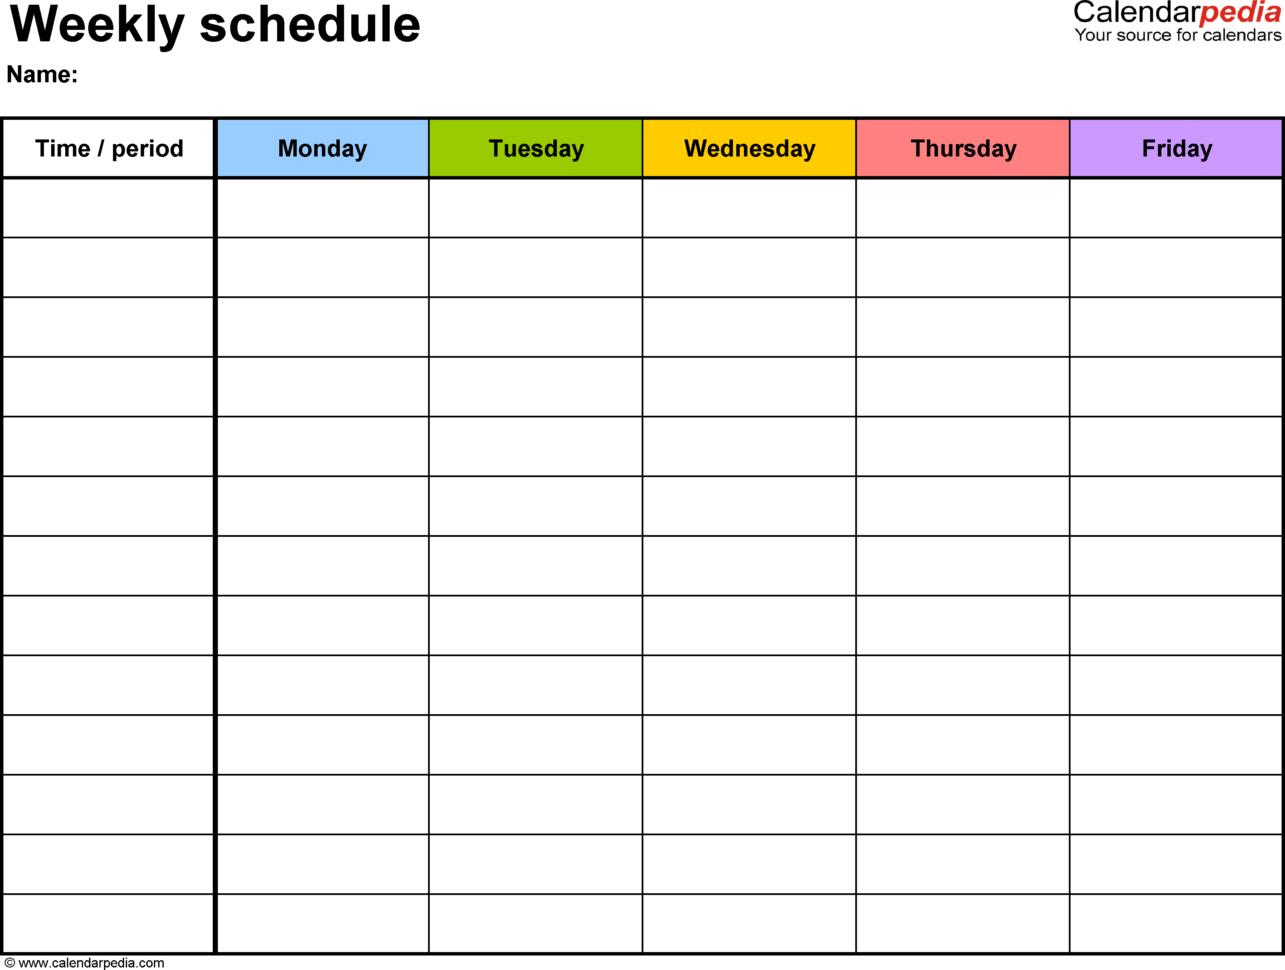 Warriors Schedule Spreadsheet Intended For Sedule  Rent.interpretomics.co